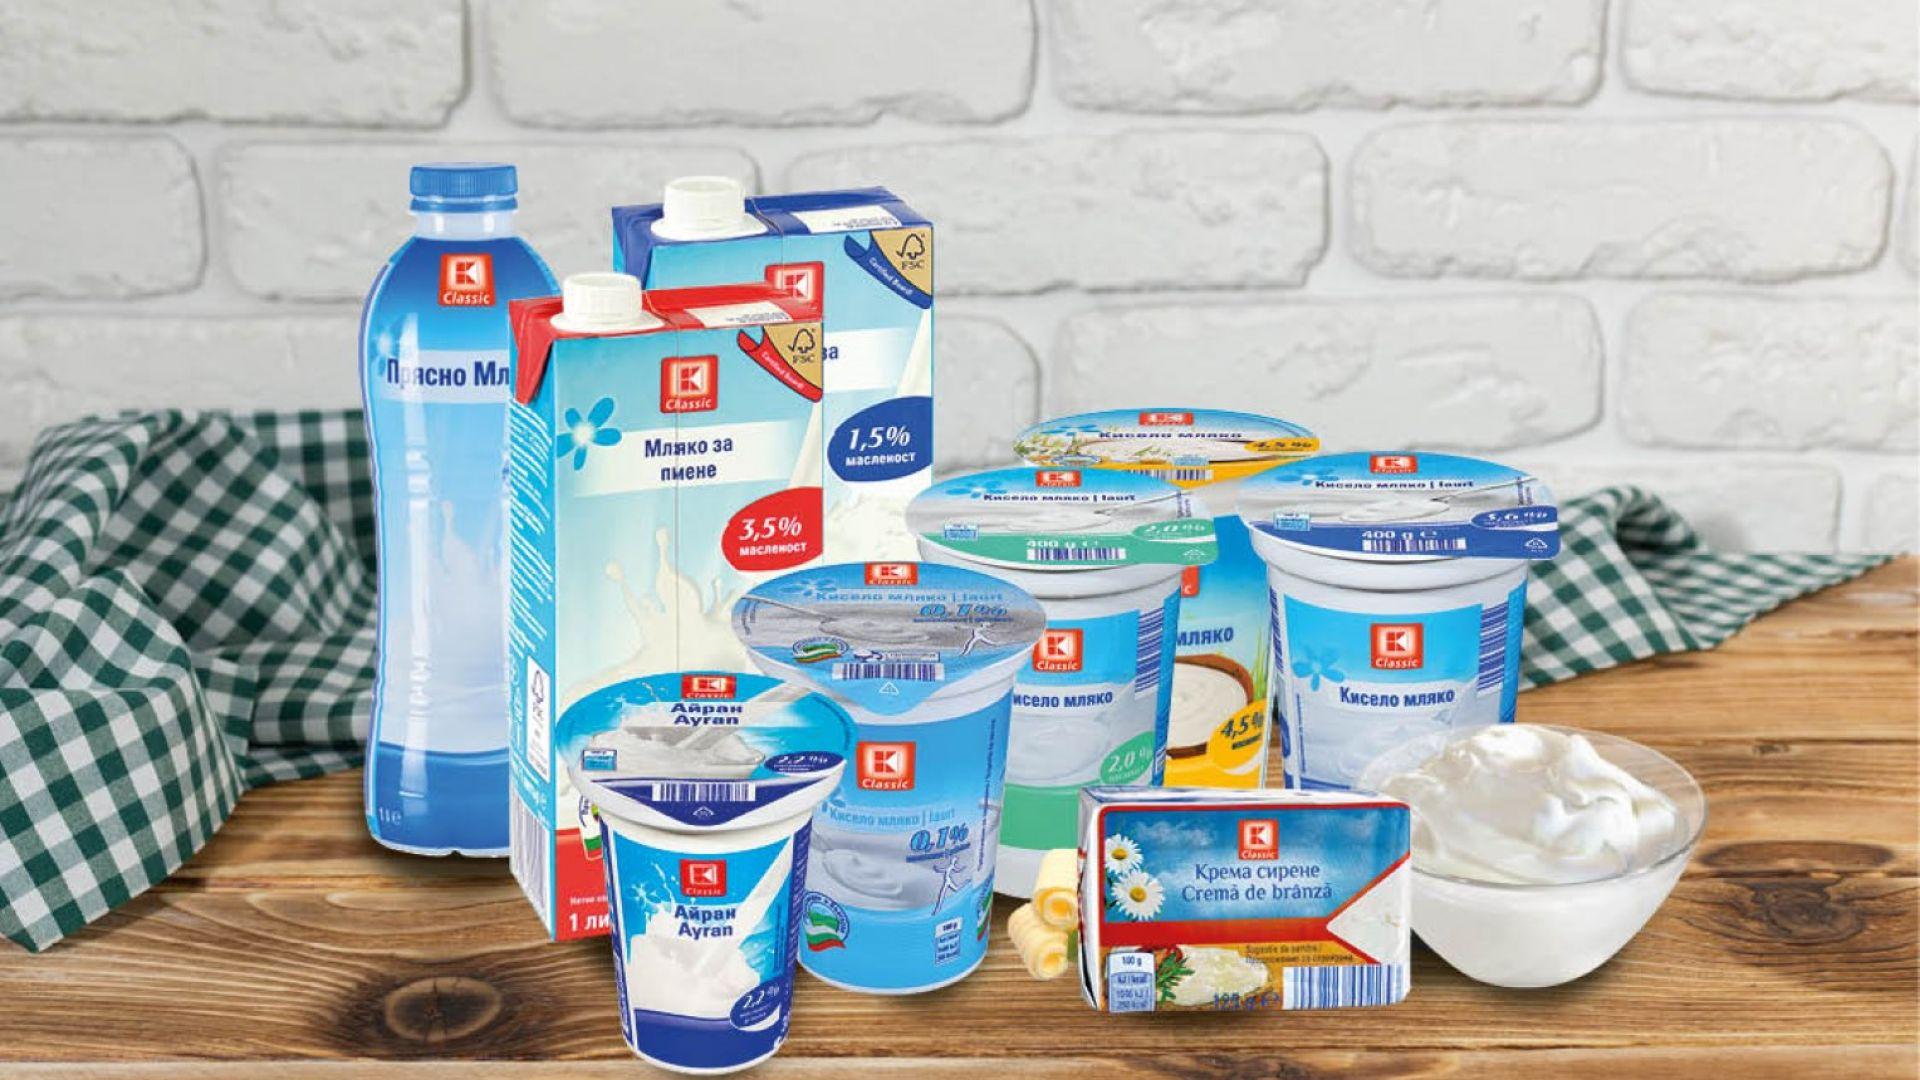 Kaufland България си партнира с над 30 български производители за собствени марки хранителни продукти